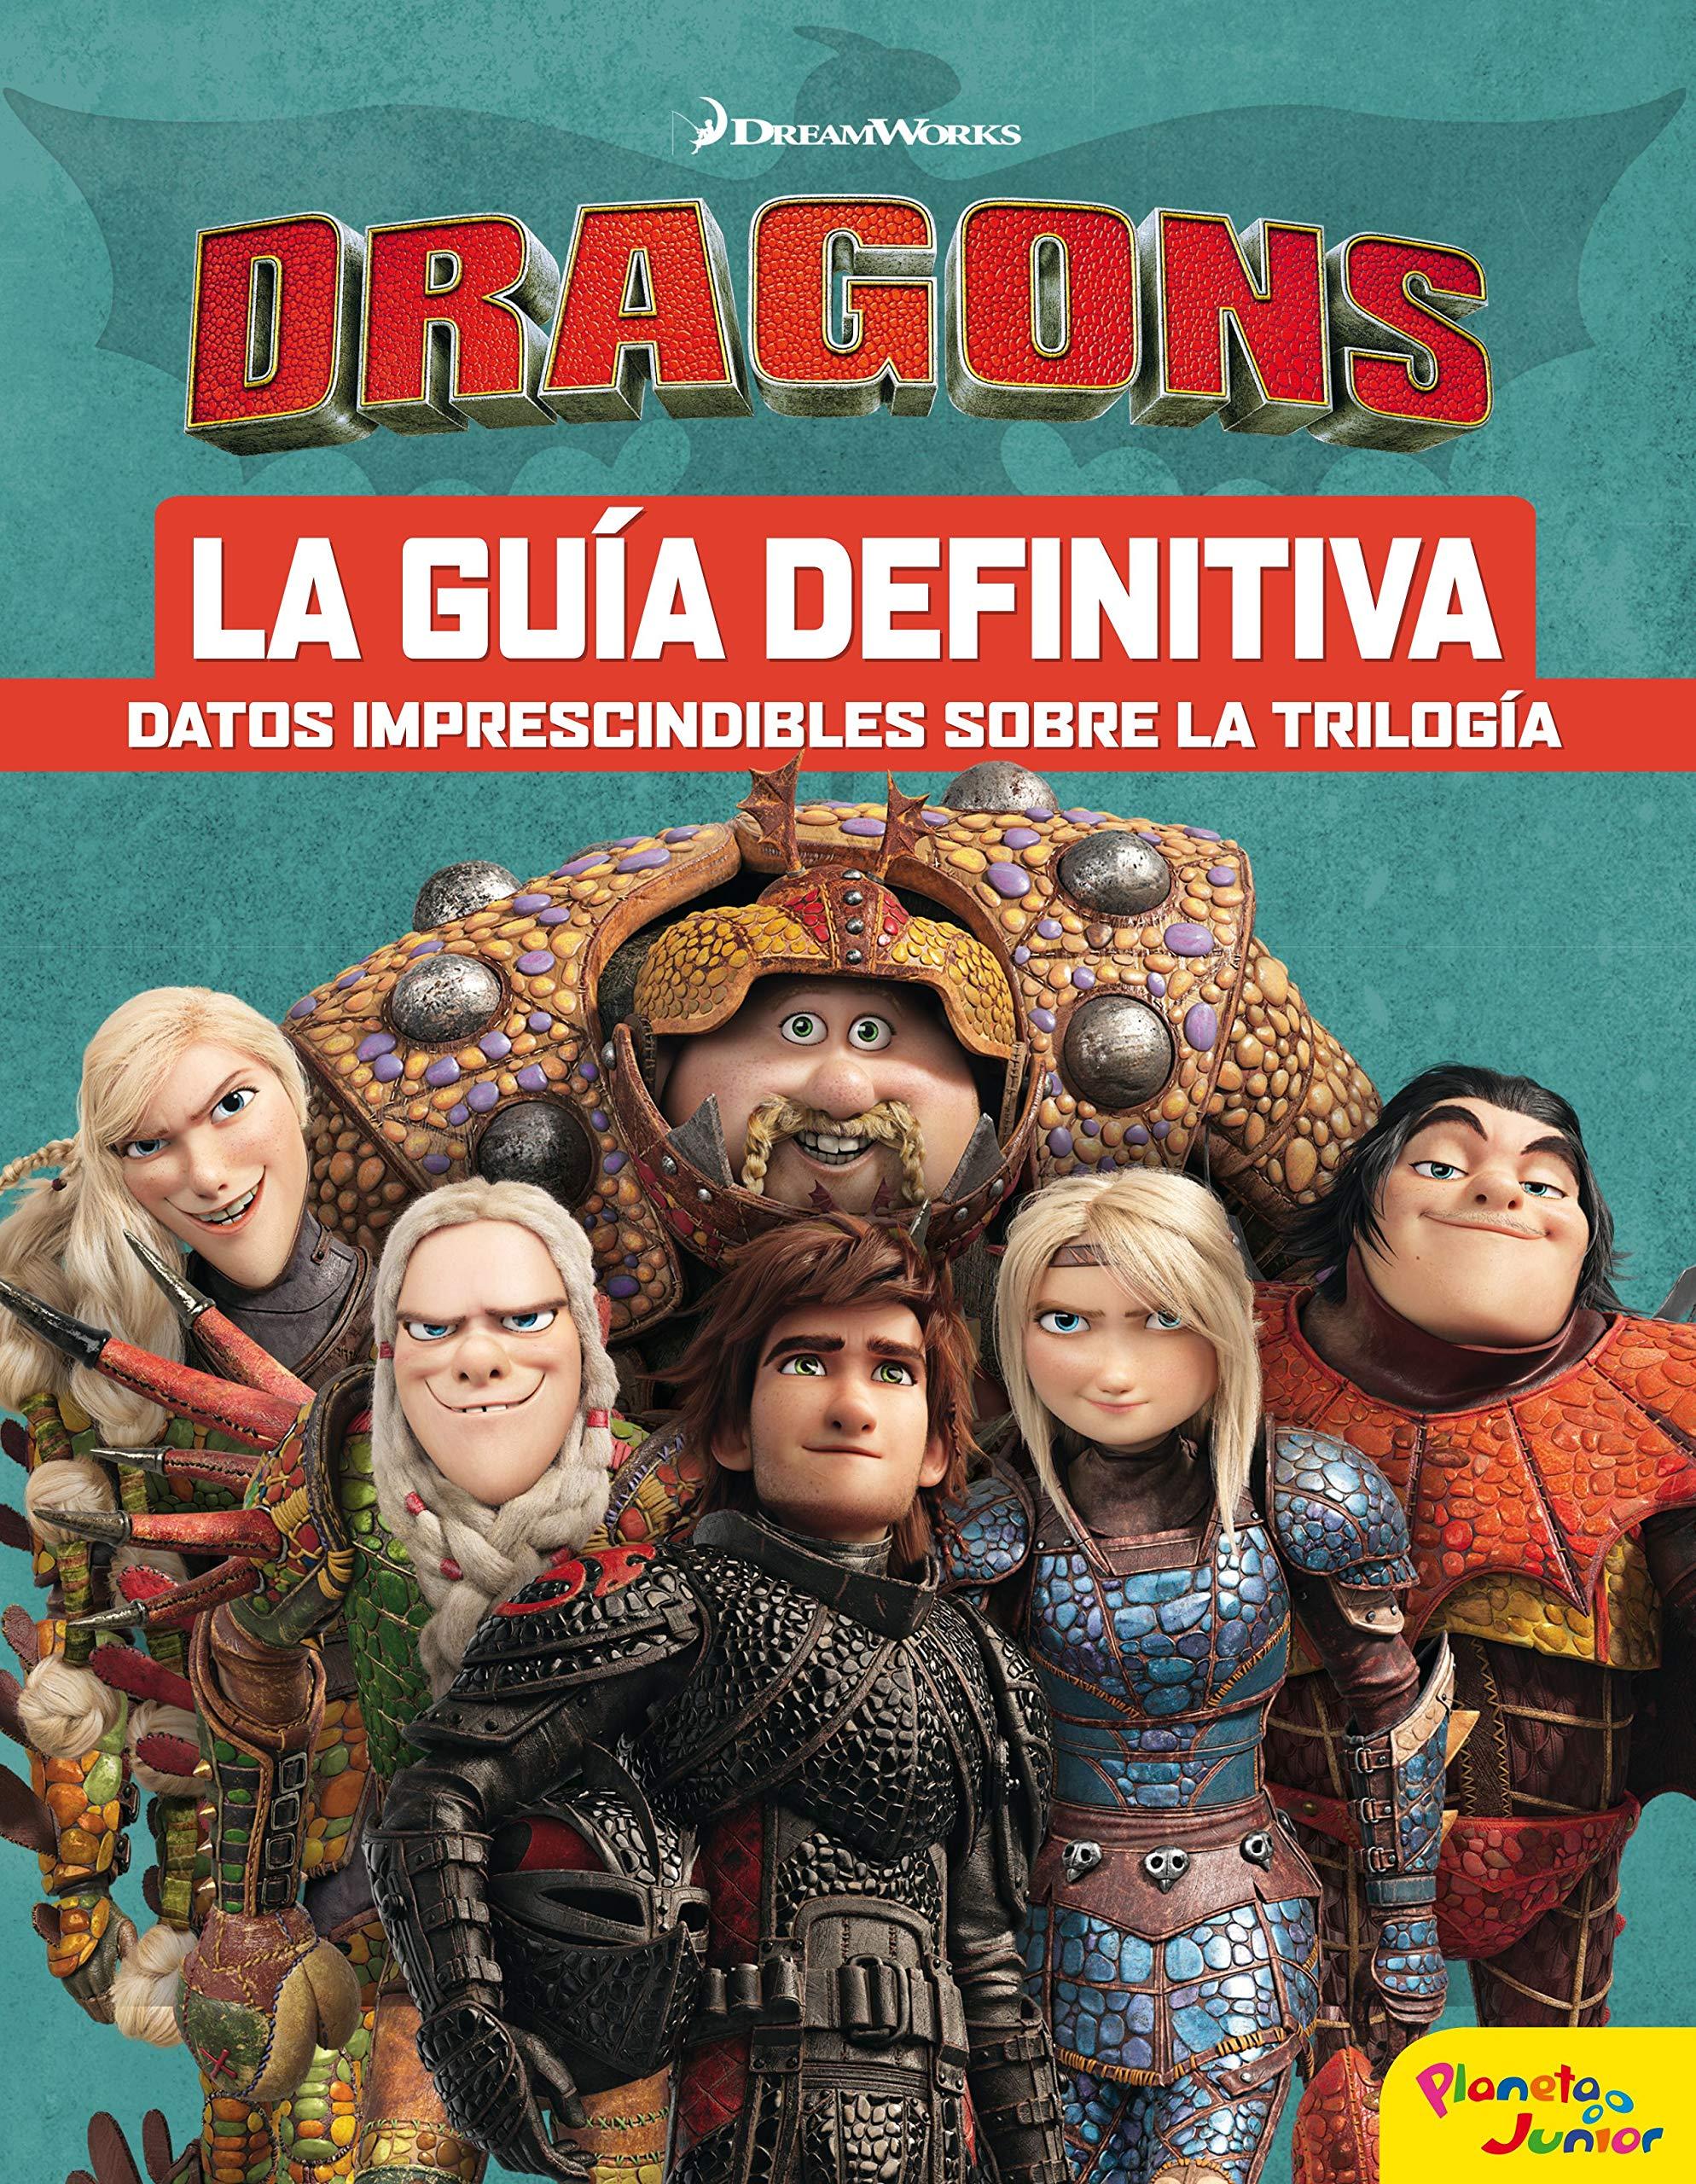 Cómo entrenar a tu dragón. La guía definitiva Dreamworks. Cómo entrenar a tu dragón: Amazon.es: Dreamworks, Editorial Planeta S. A.: Libros